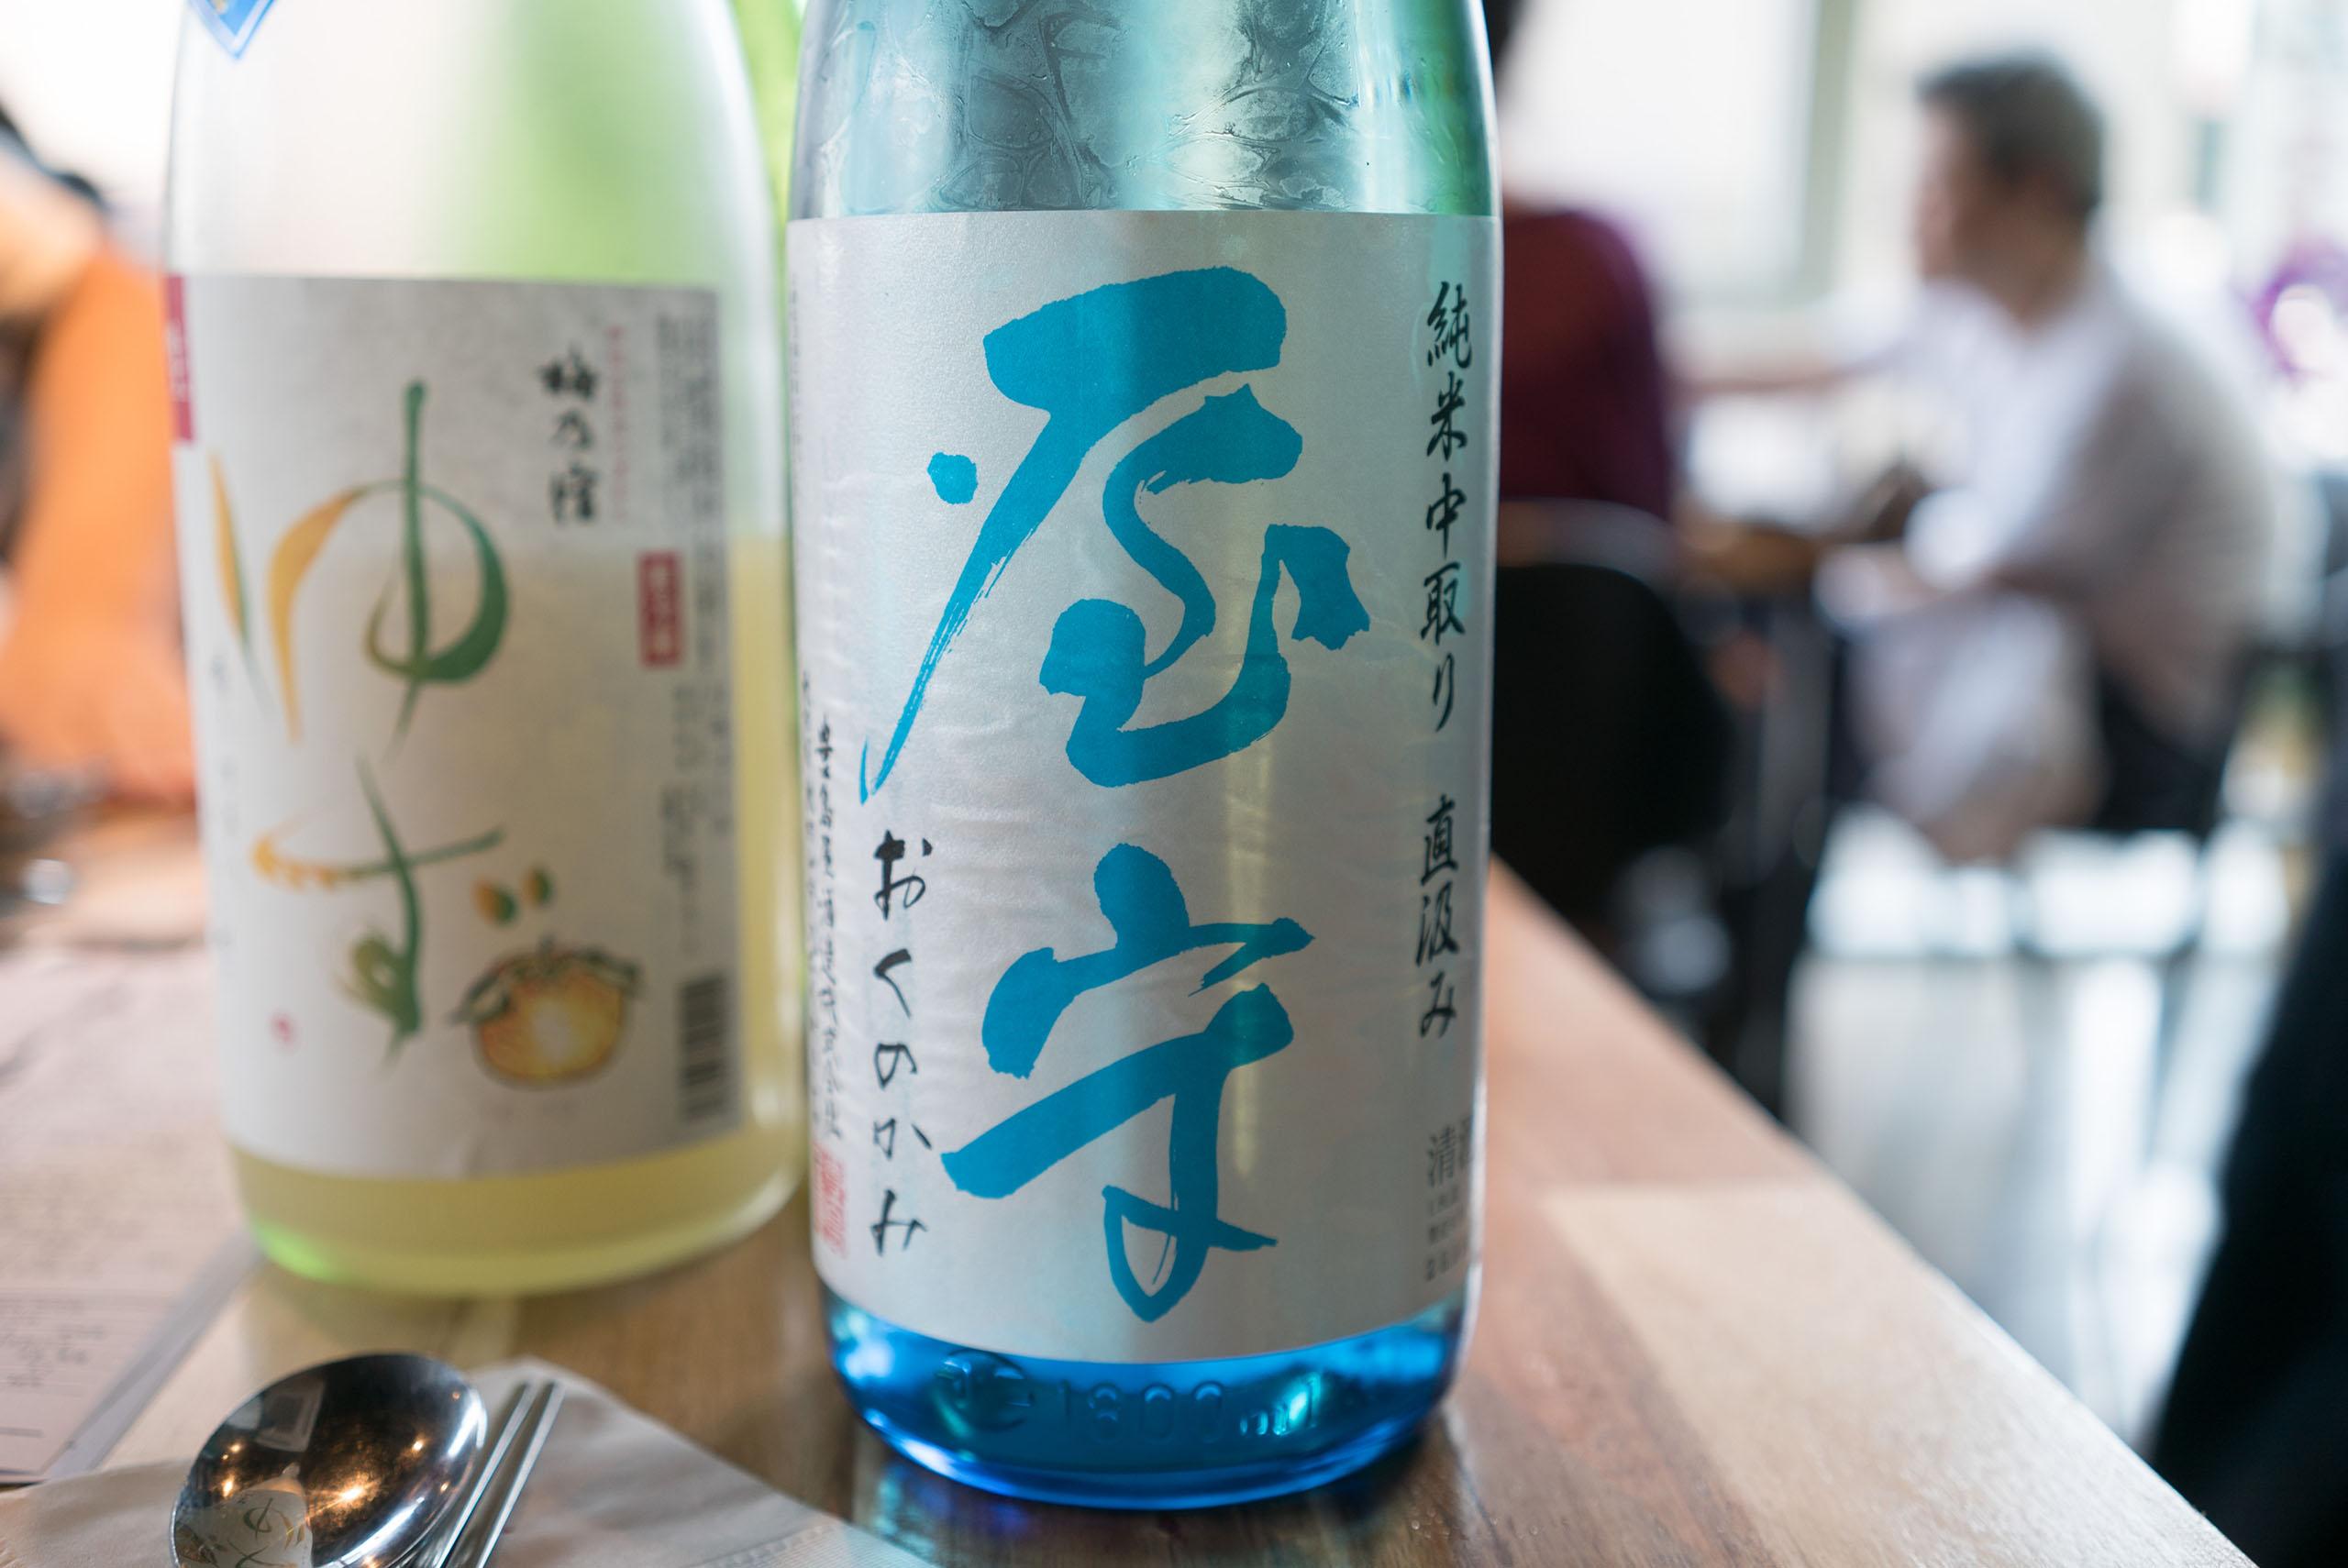 오쿠노카미 쥰마이 나카토리 지카쿠미 나마